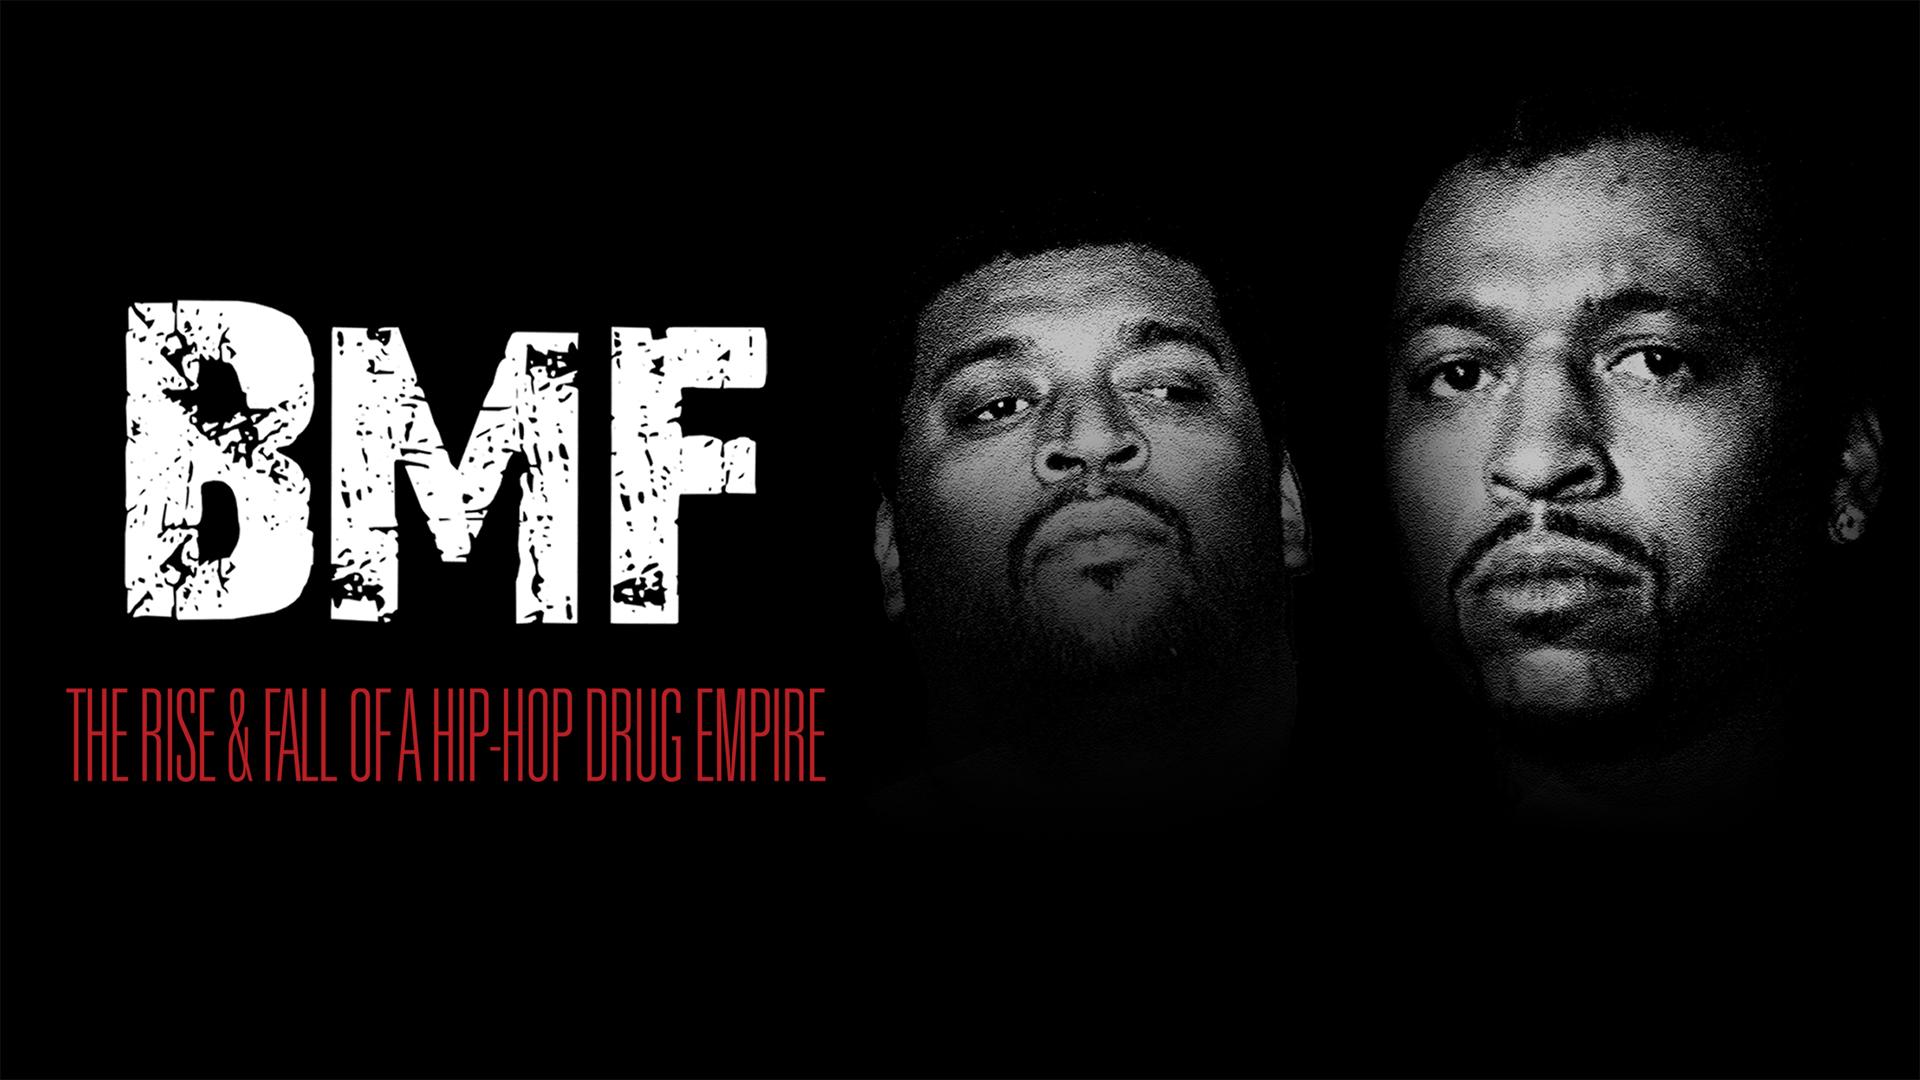 bmf-rise-fall-hip-hop-drug-empire